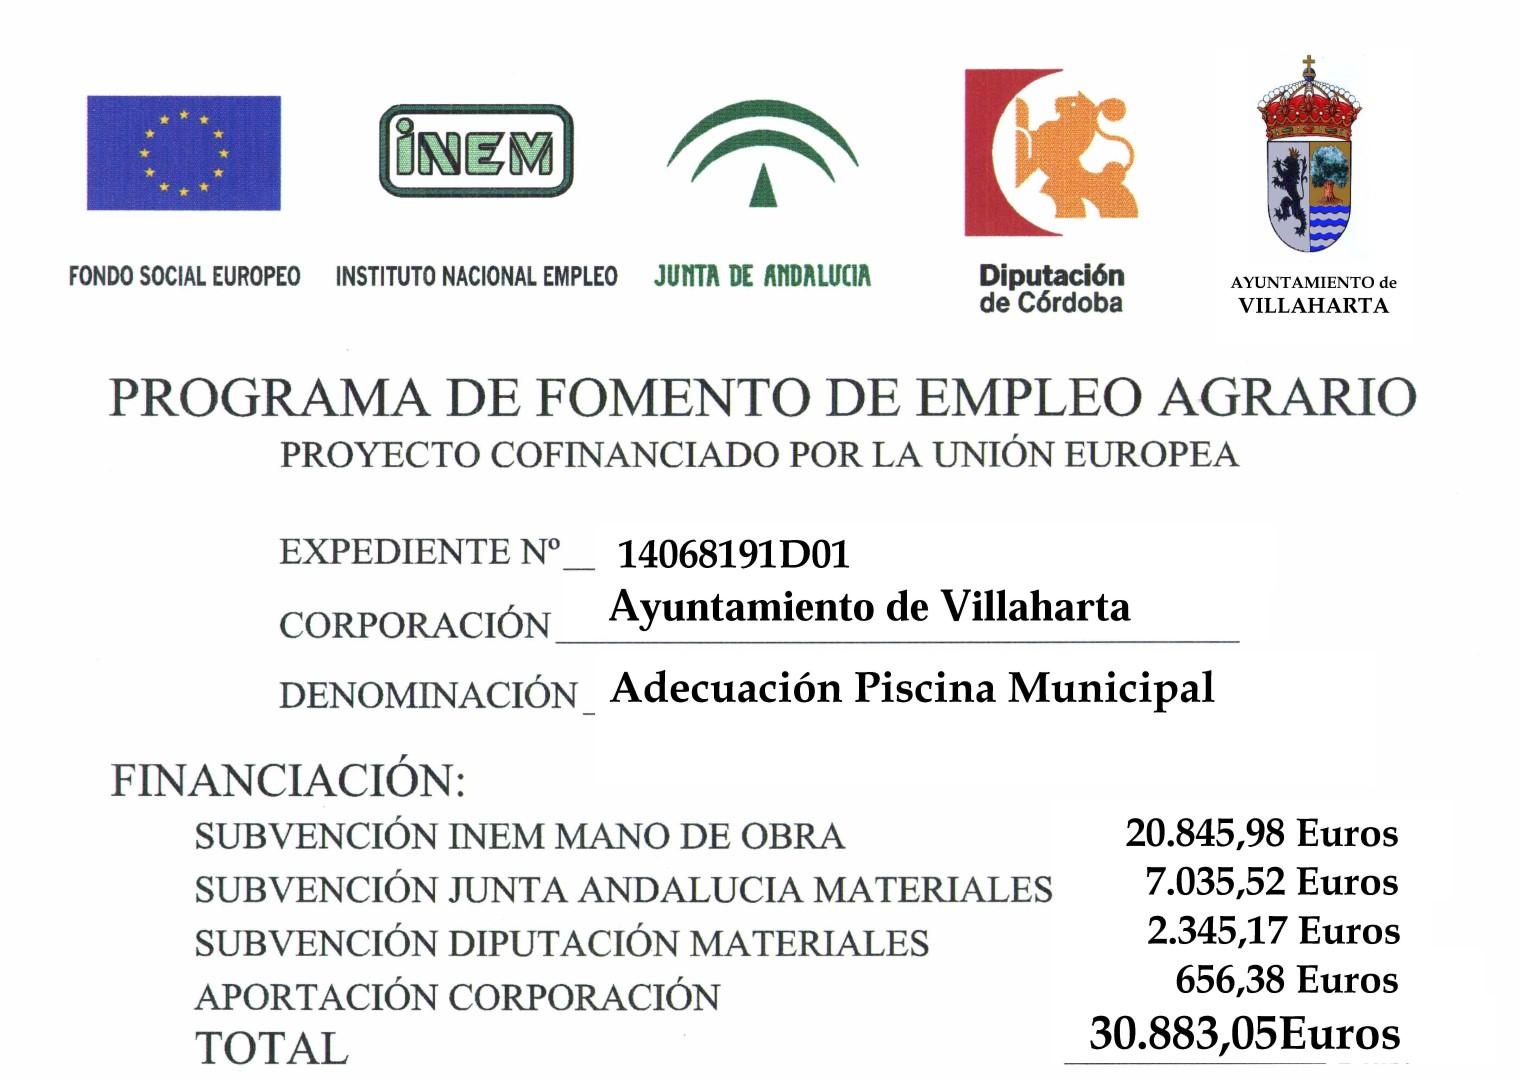 SUBVENCIONES RECIBIDAS 2019 13